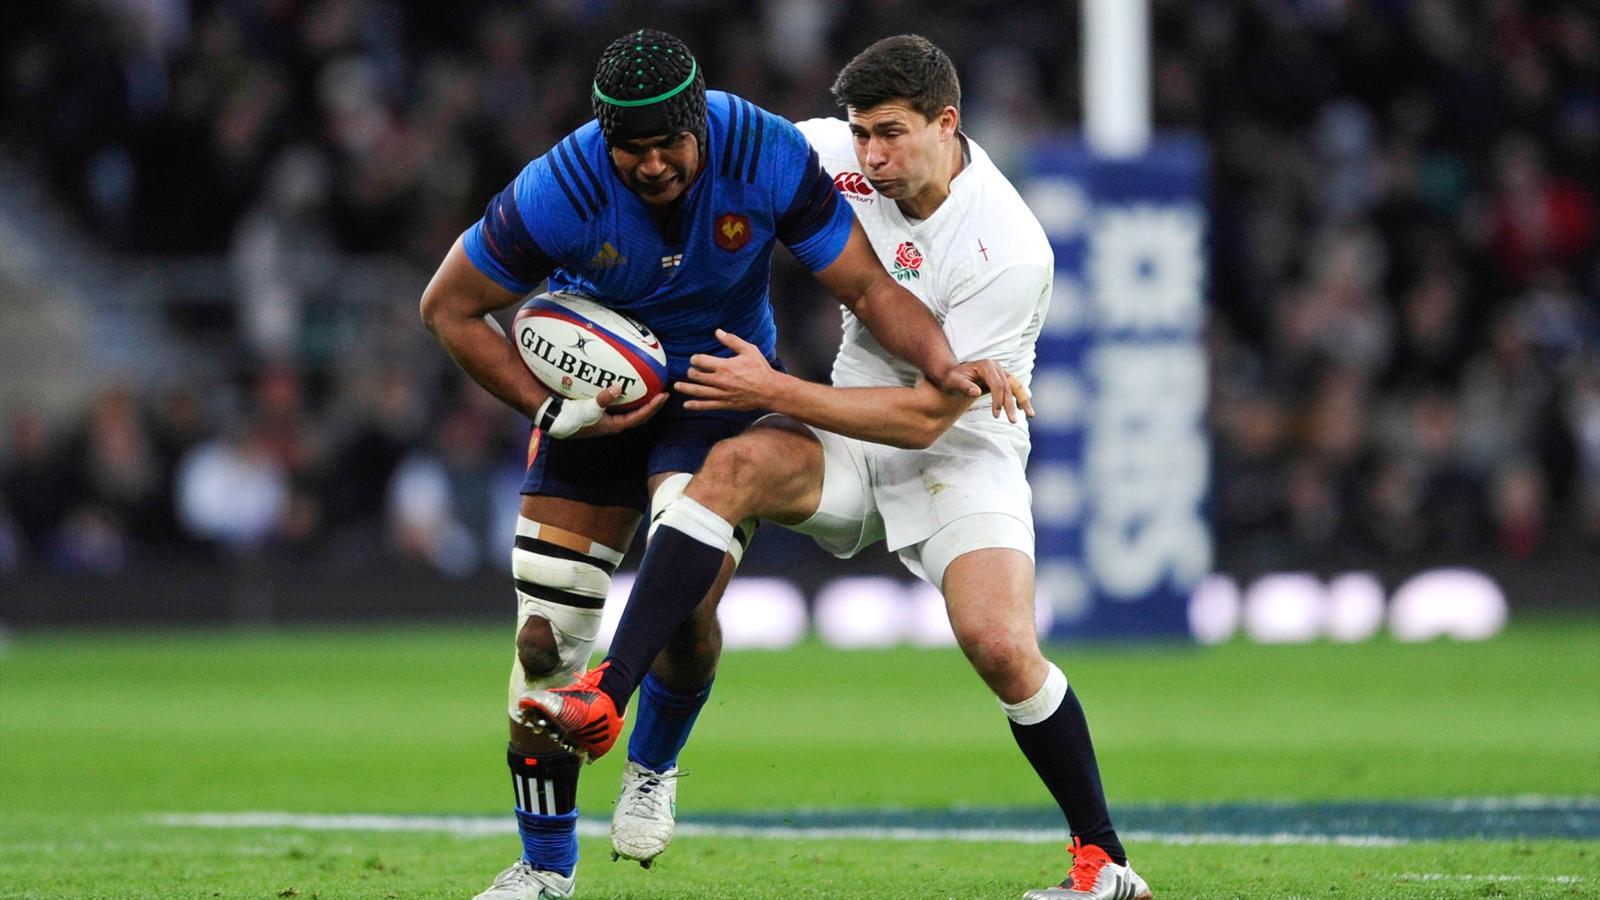 Tournoi des 6 nations angleterre france 55 35 merci les bleus bravo les anglais 6 - Coupe des 6 nations 2015 ...